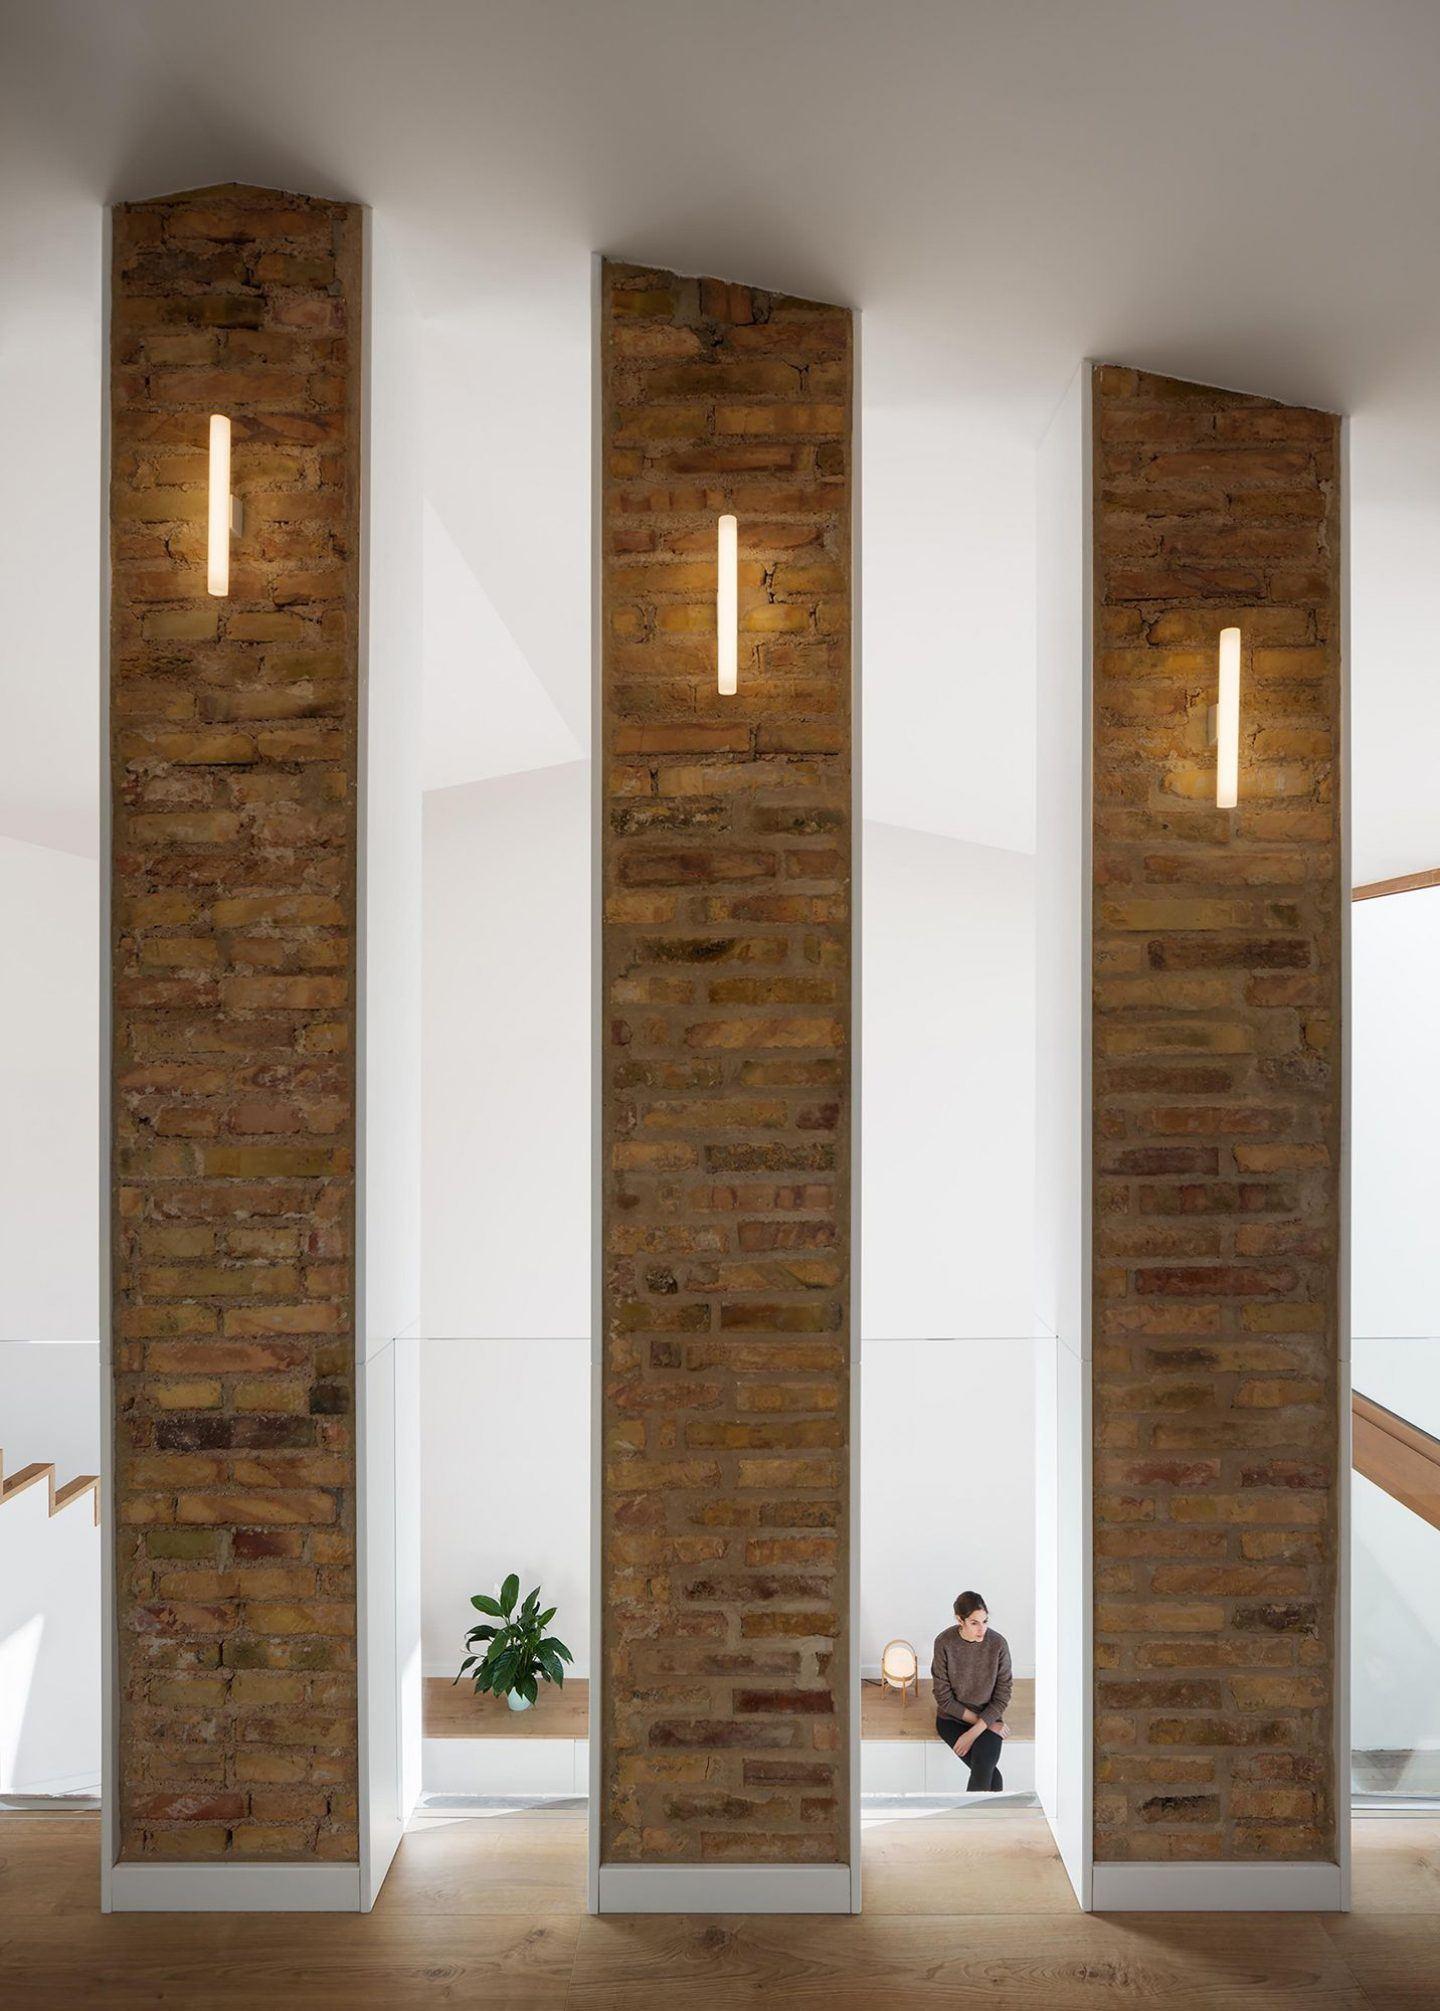 IGNANT-Architecture-Hiha-Studio-Cal-Jordianna-11